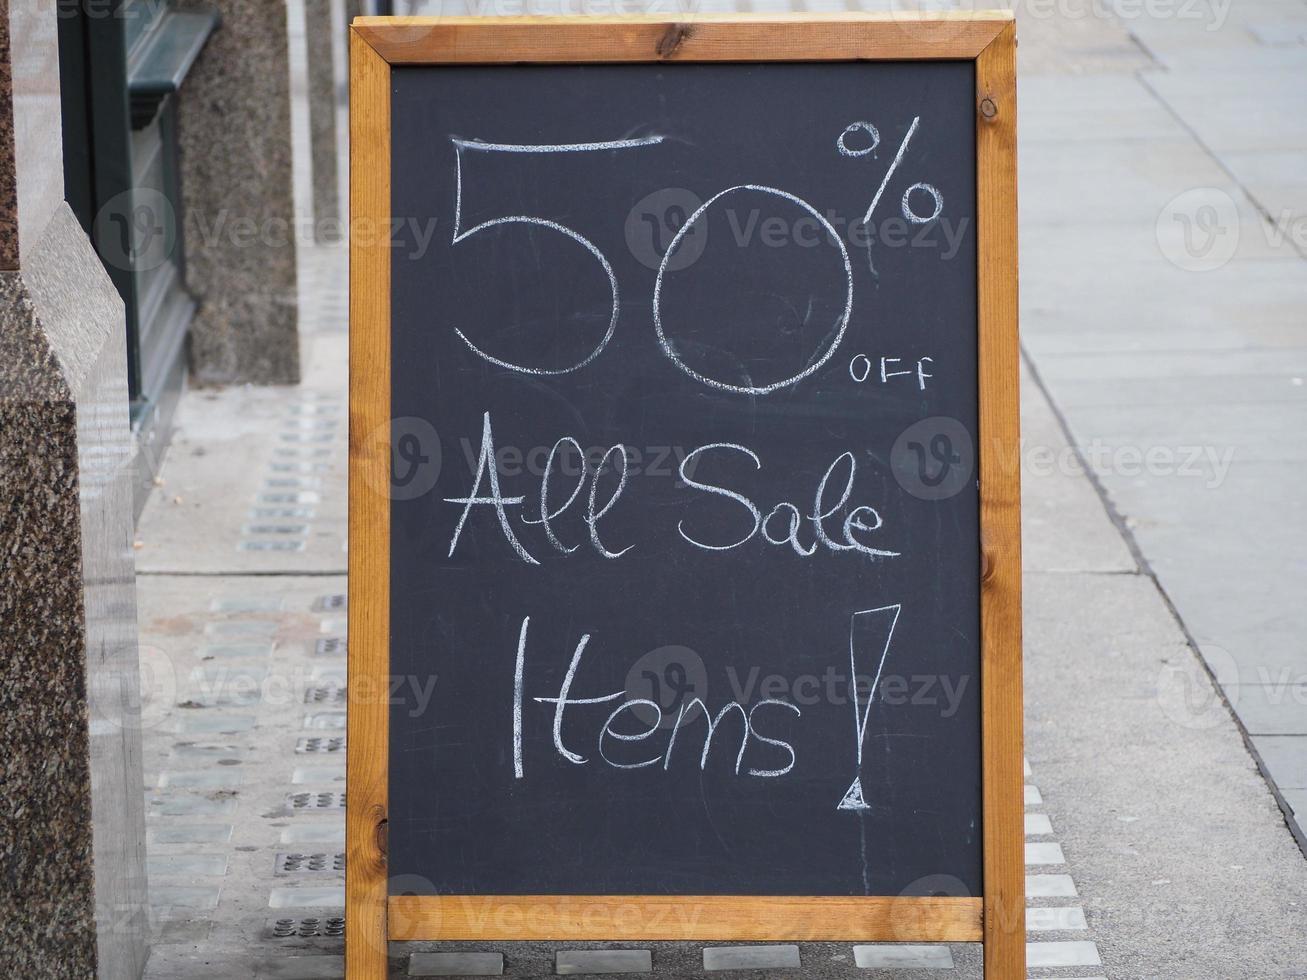 Signo de ventas del 50 por ciento foto